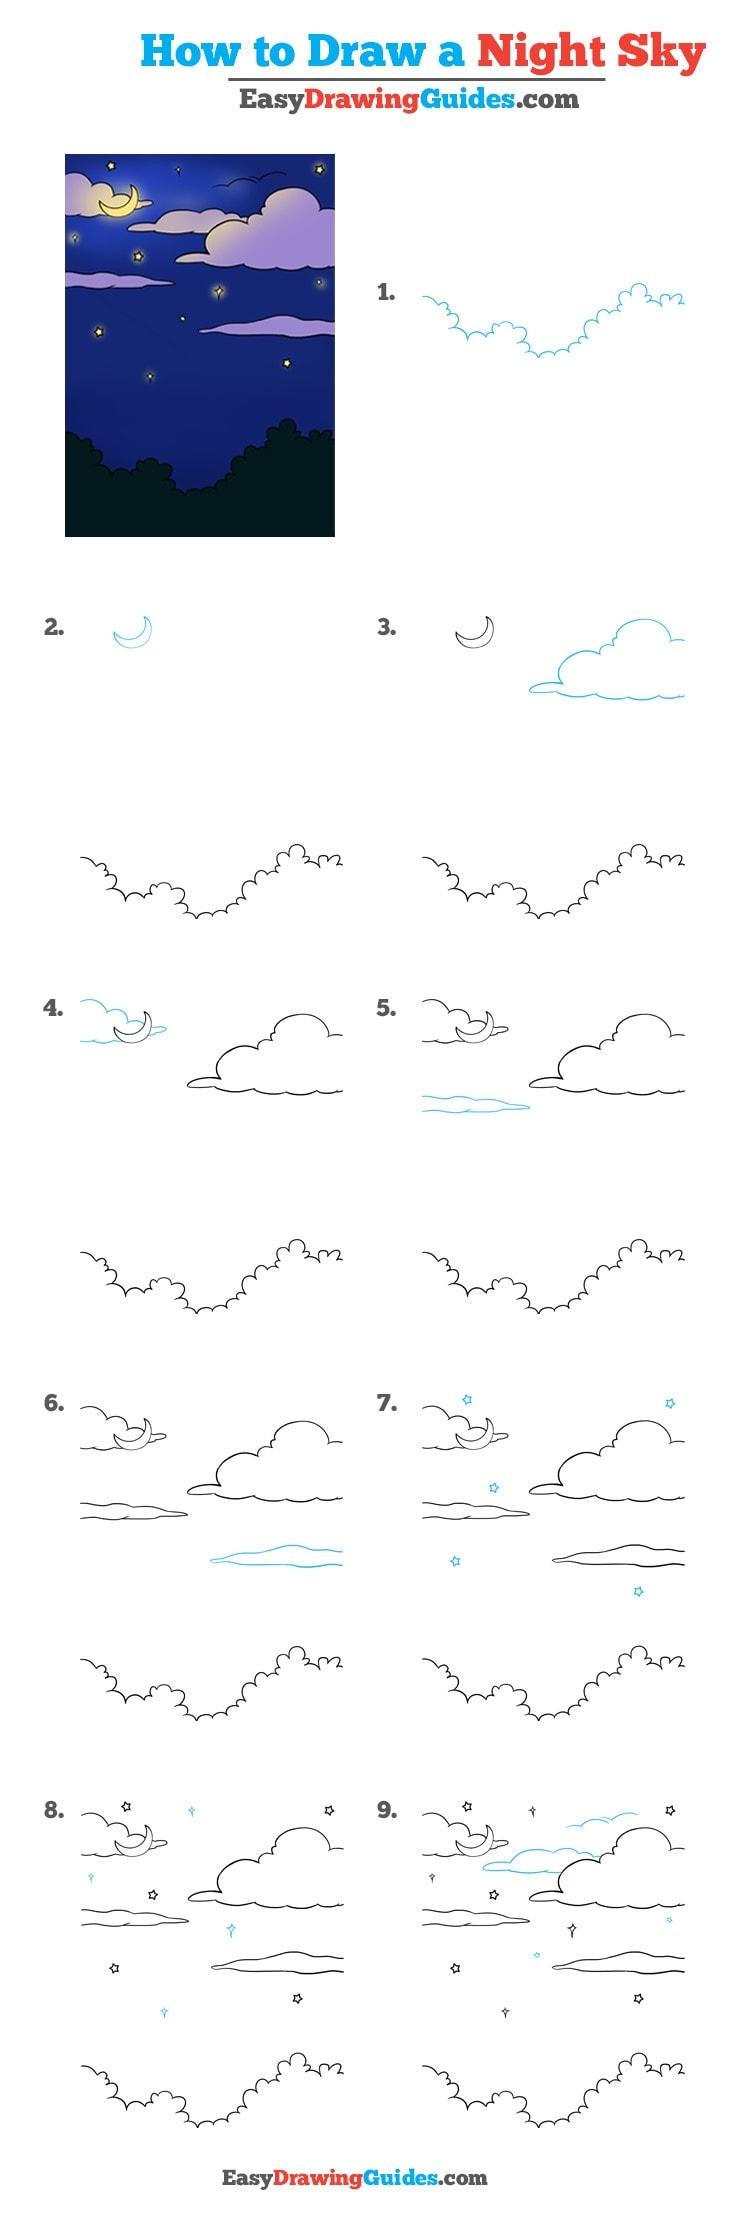 How to Draw Night Sky